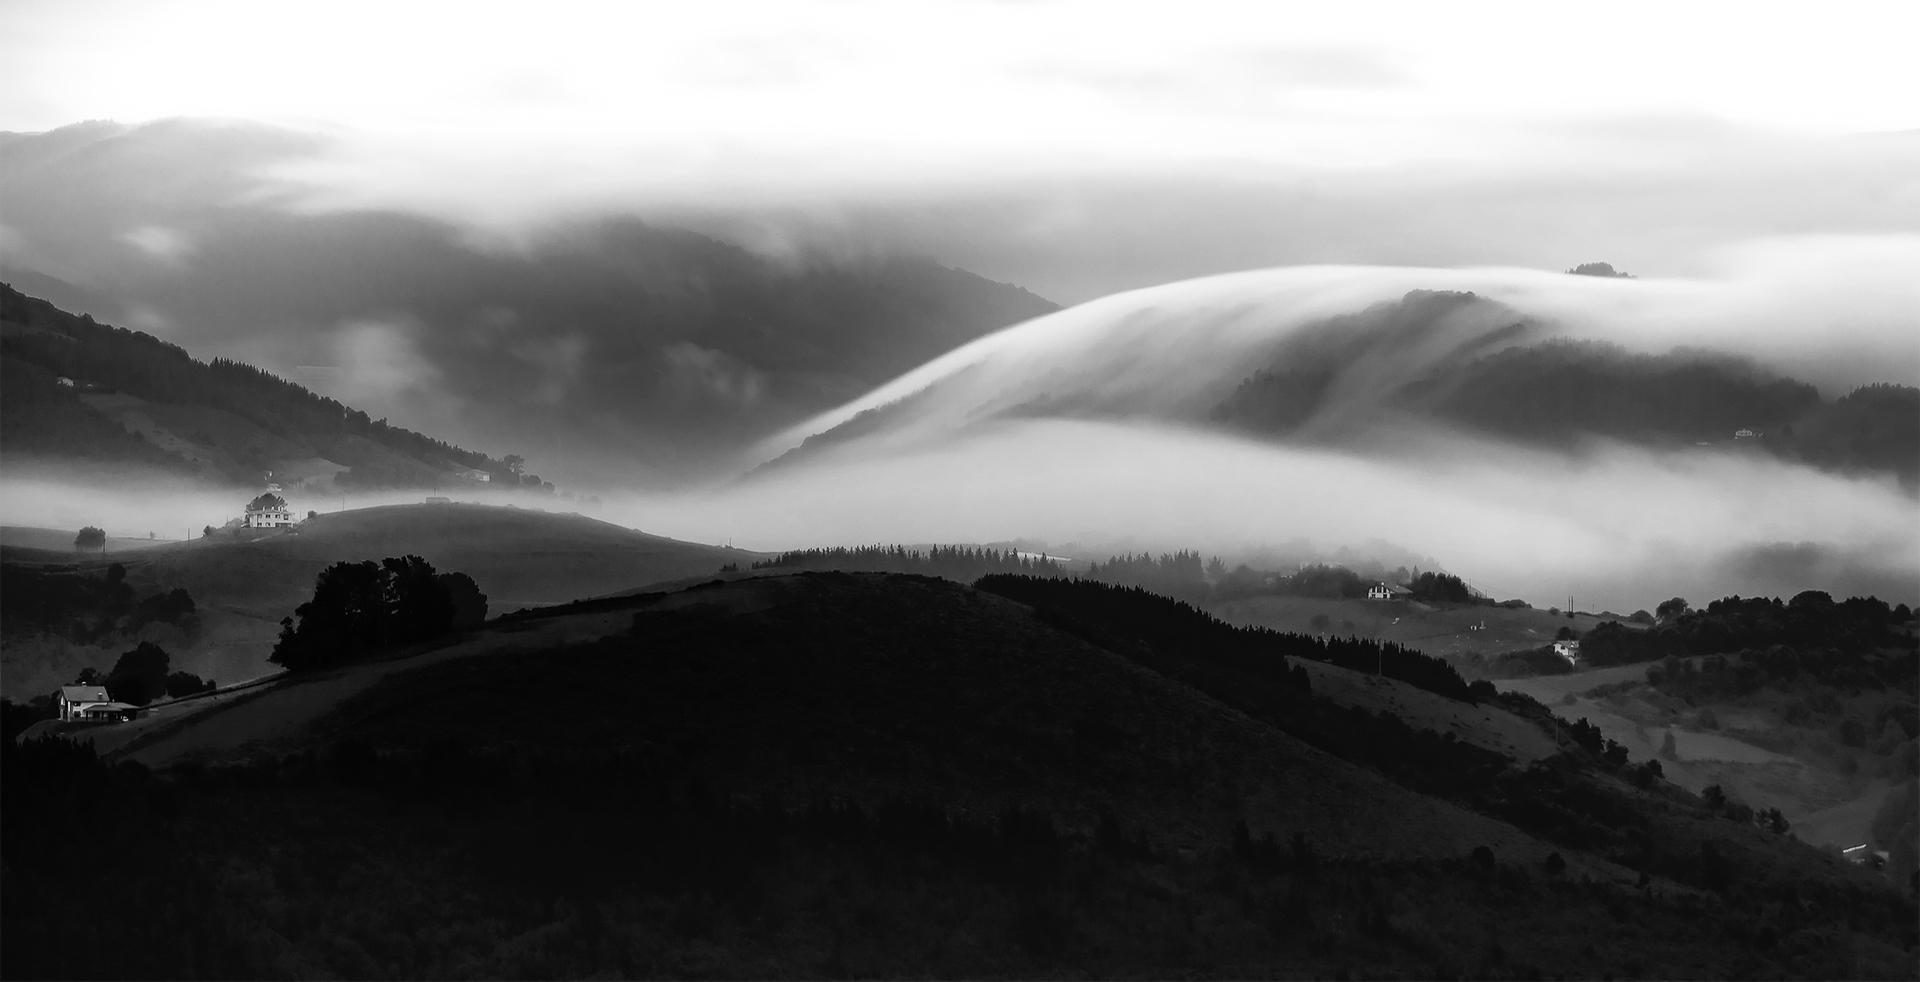 Vague de brume